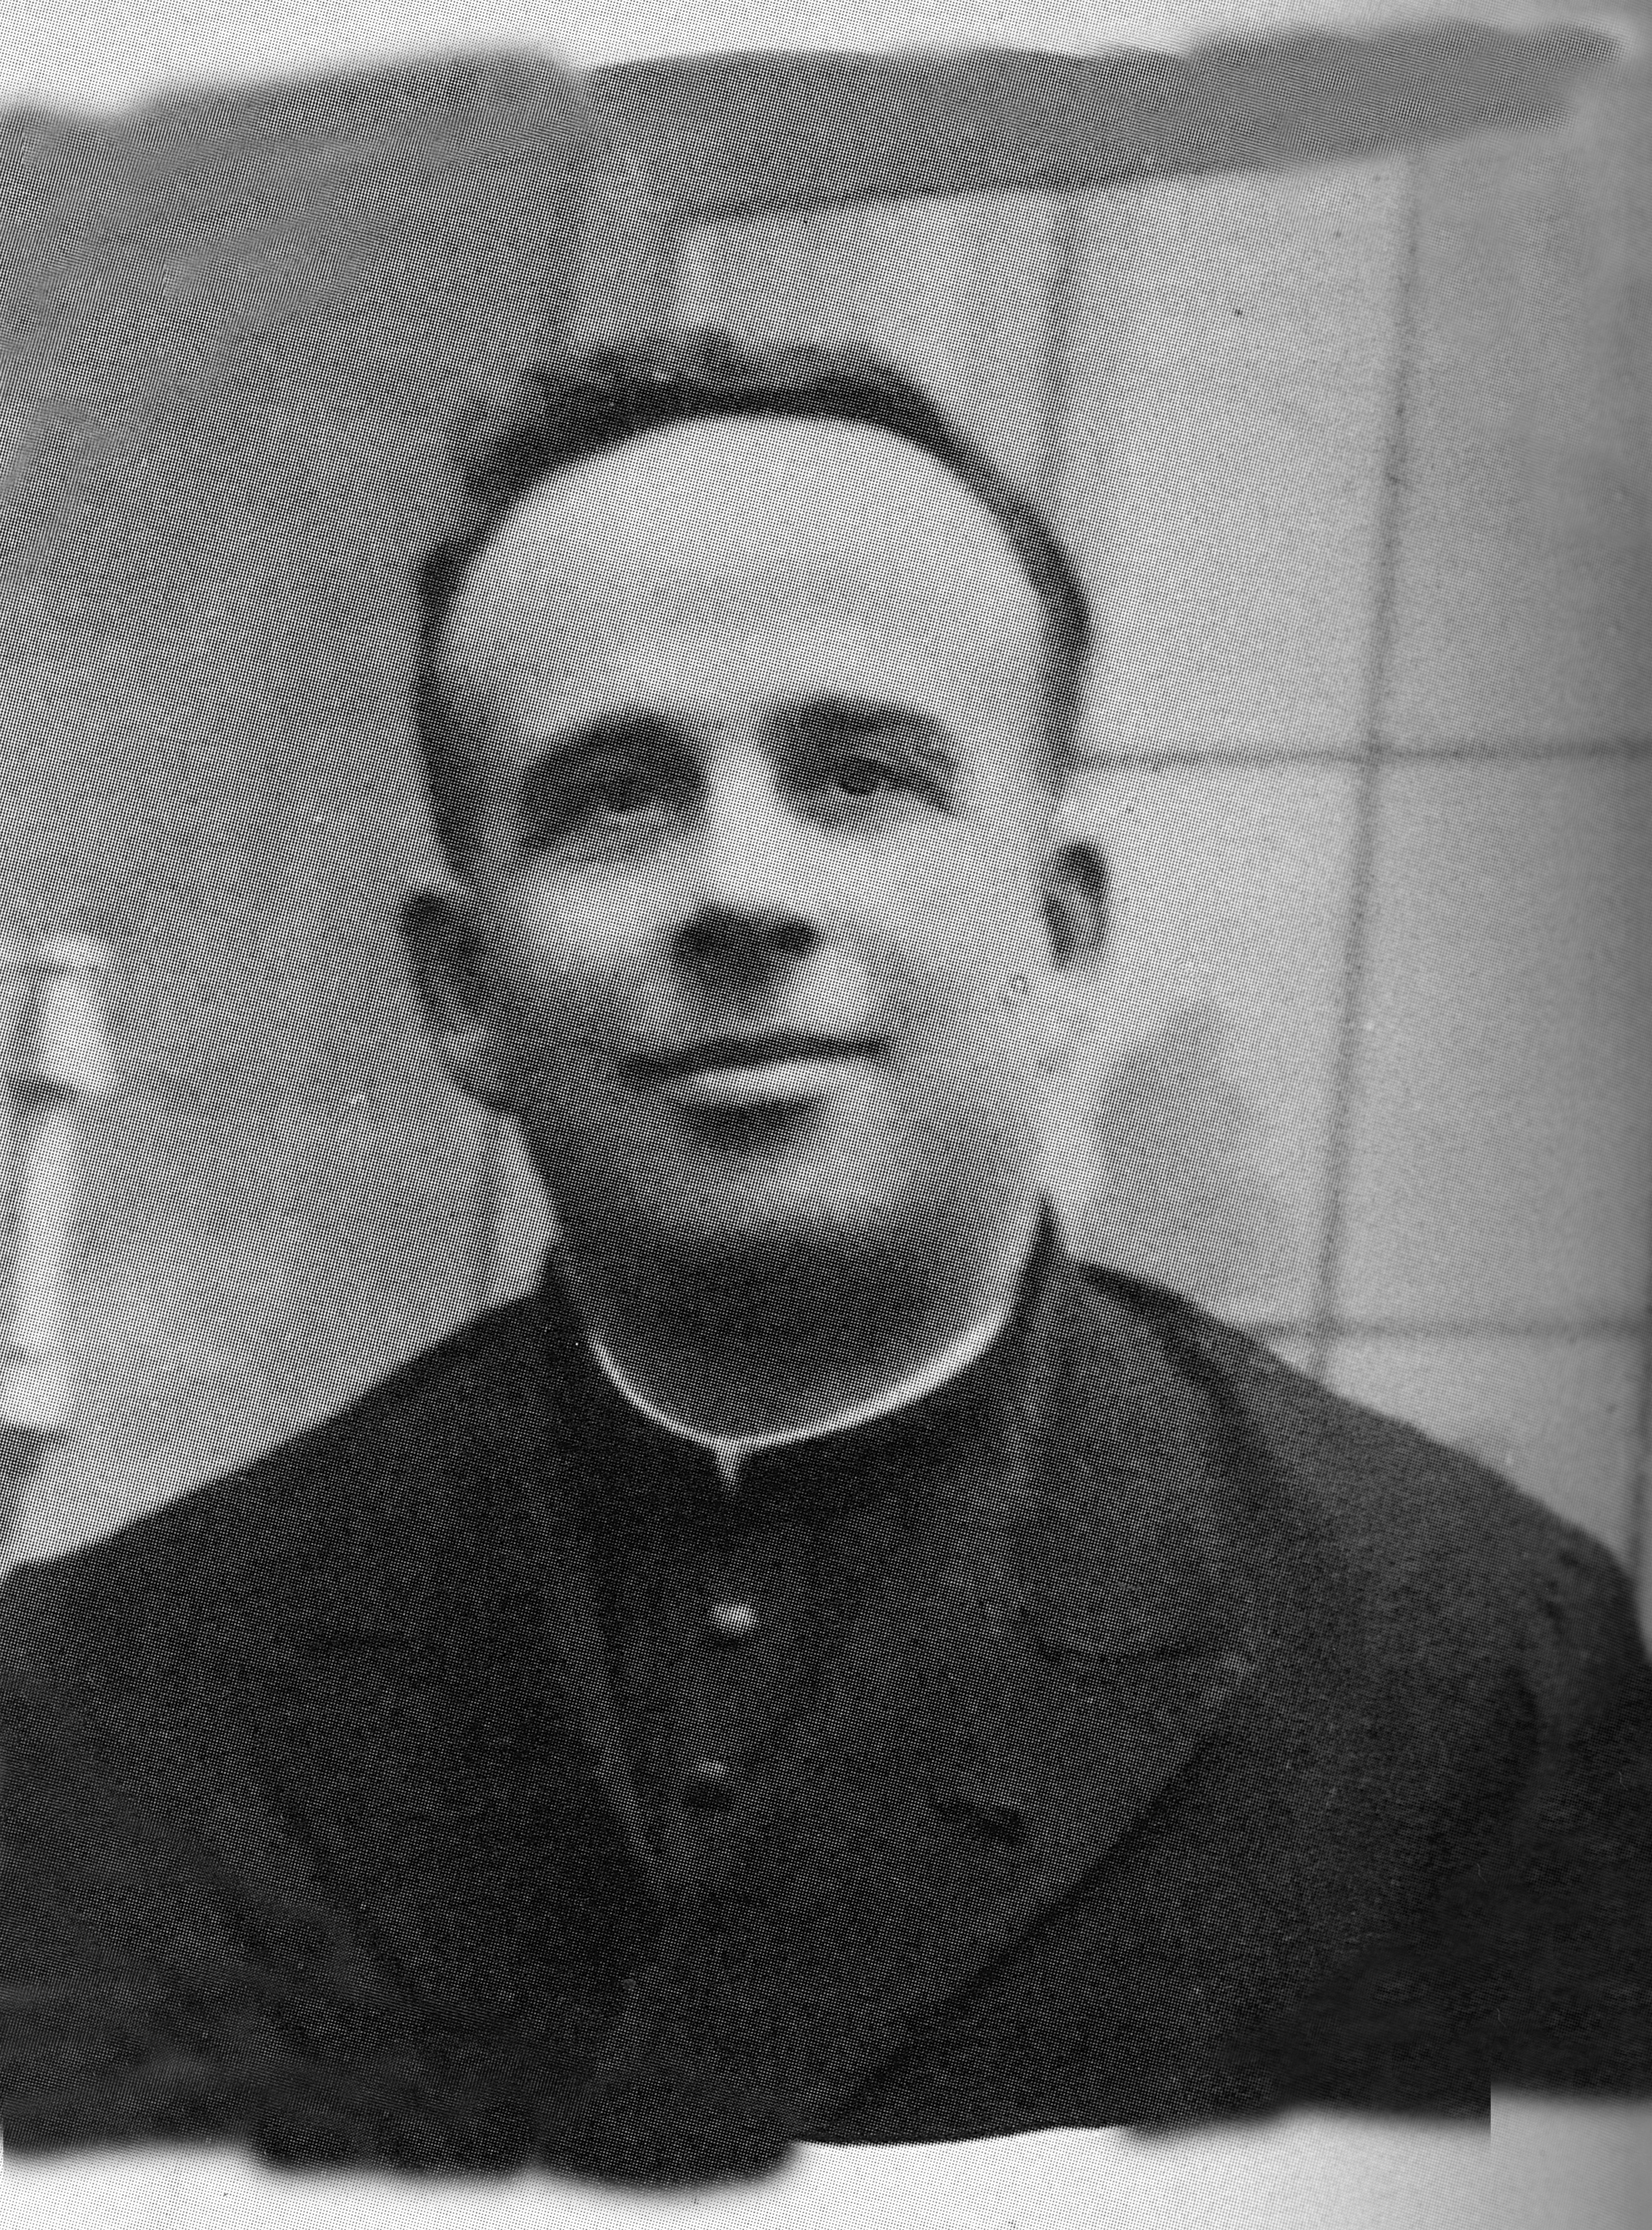 Rafael Reyes Moreno, sacerdote de la parroquia de Santa Marina, asesinado en las escuelas - 42-reyes-moreno-rafael